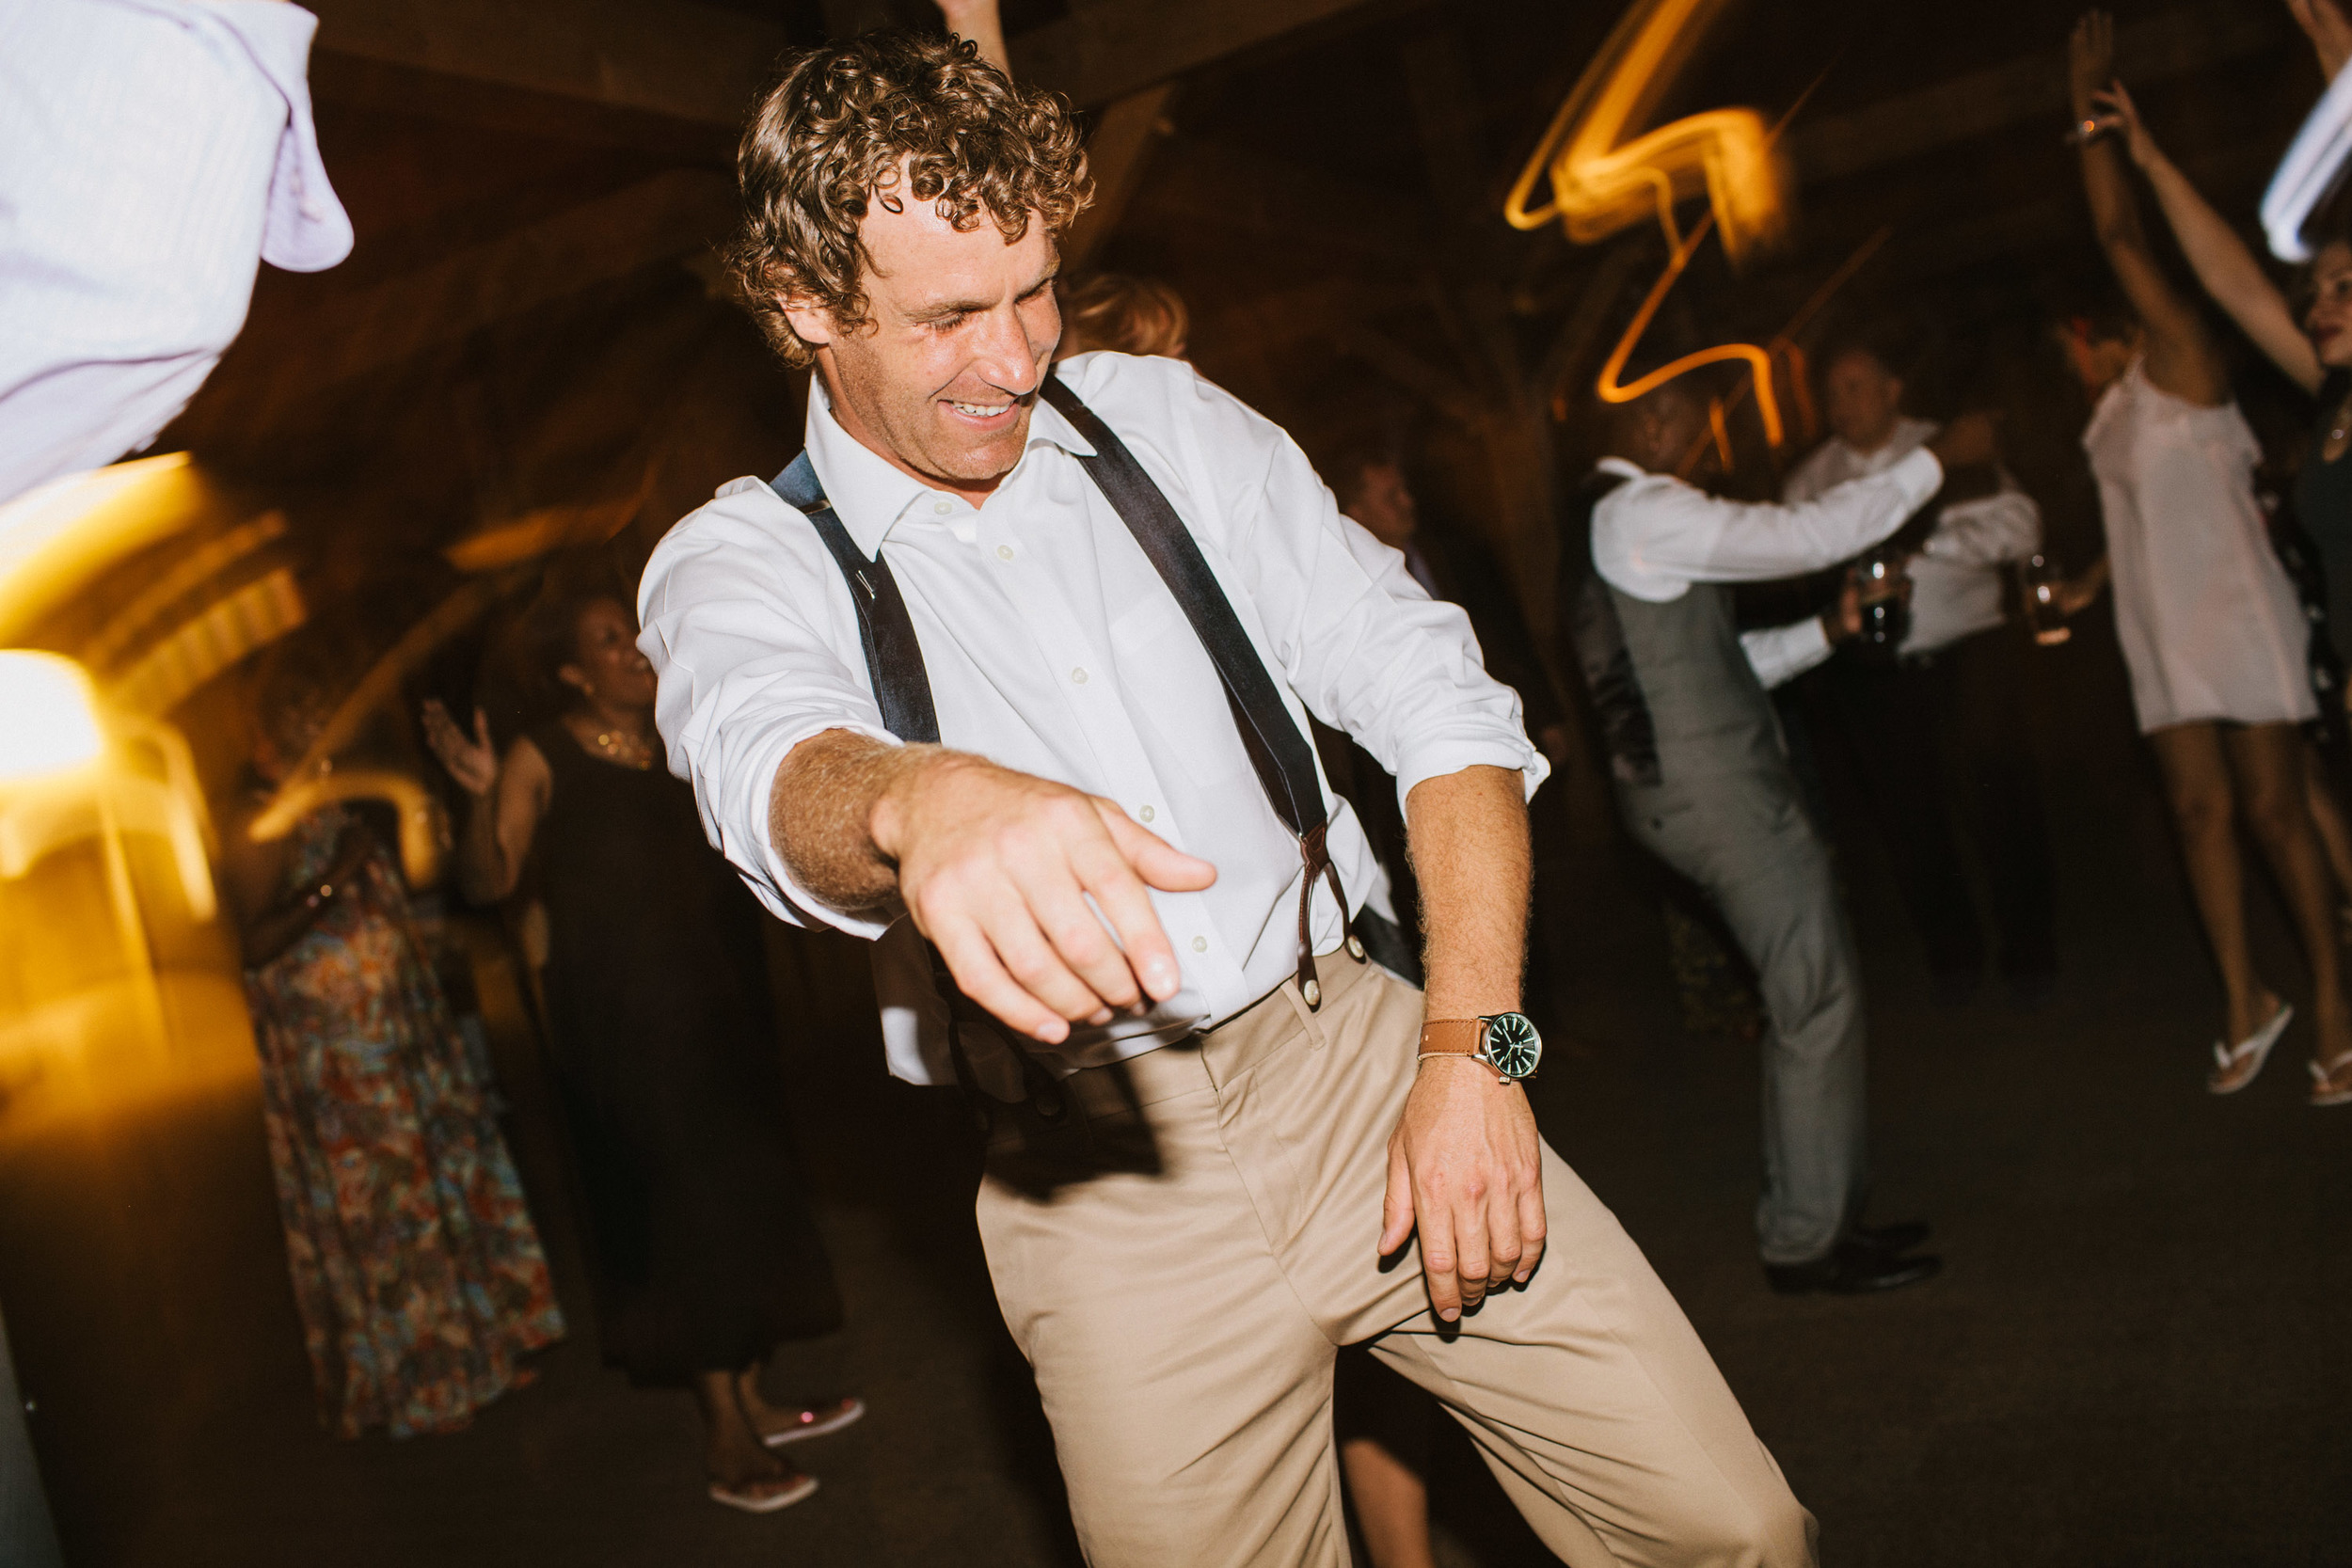 michael-rousseau-photography-shannae-ingleton-wedding-sean-craigleith-ski-club-wedding092.jpg